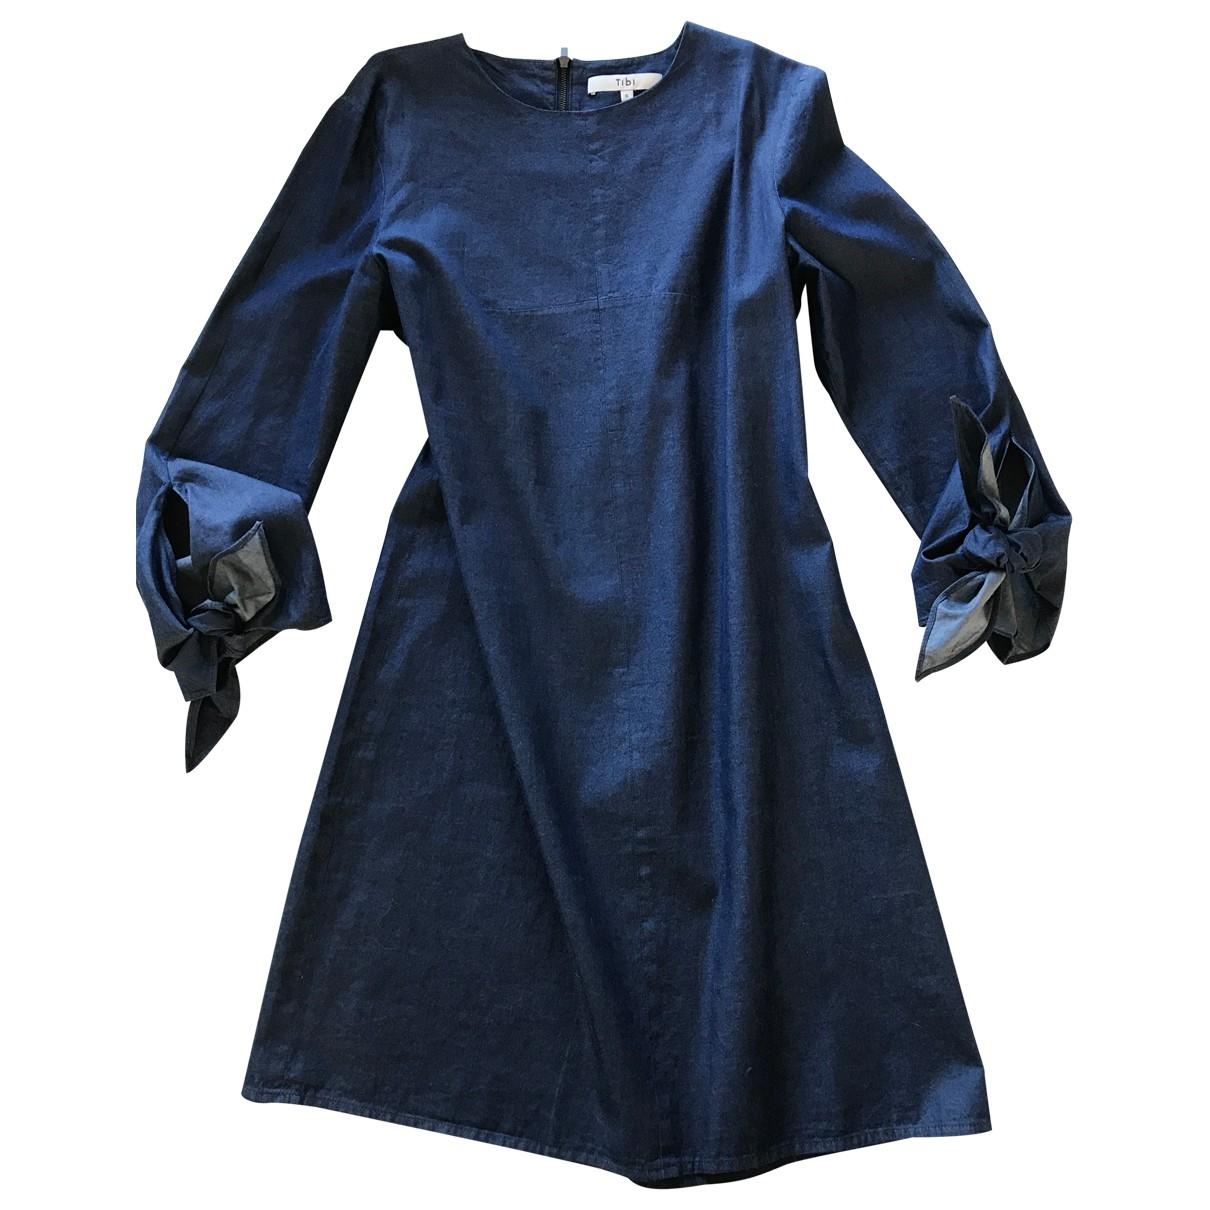 Tibi \N Kleid in  Marine Baumwolle